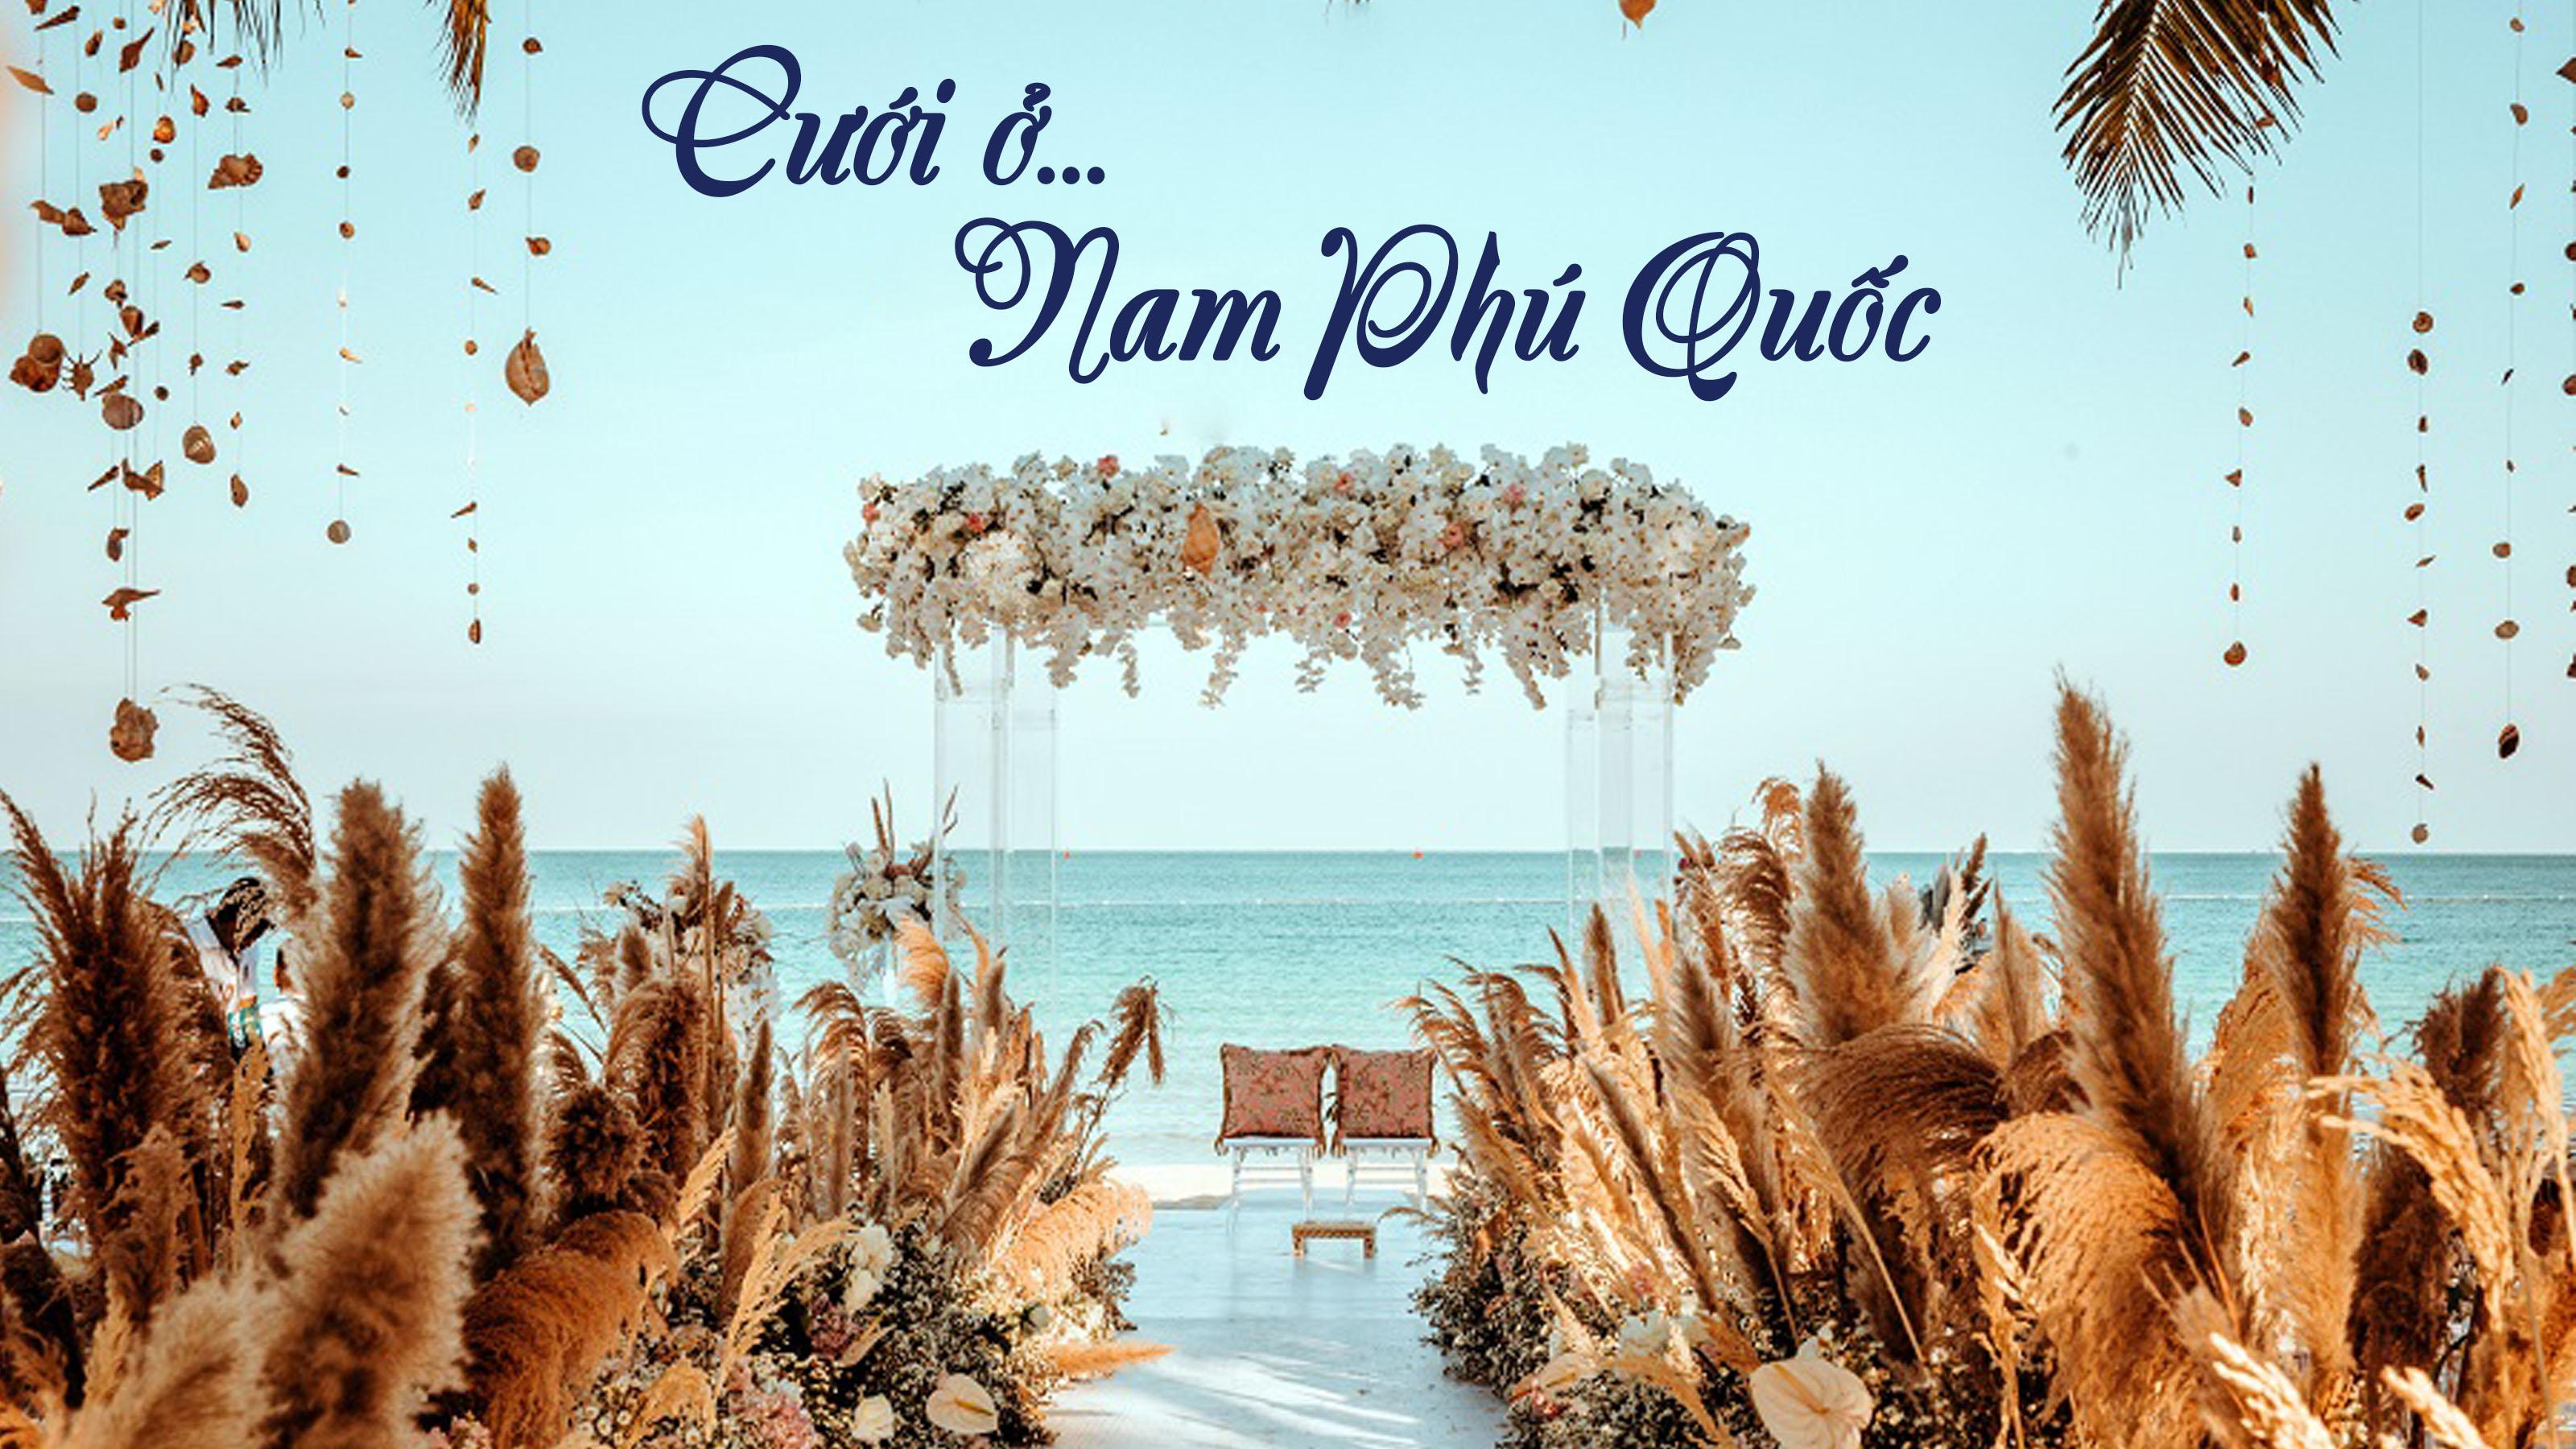 Cưới ở Nam Phú Quốc - Bạn chọn không gian cổ tích lãng mạn hay sang trọng hiện đại?